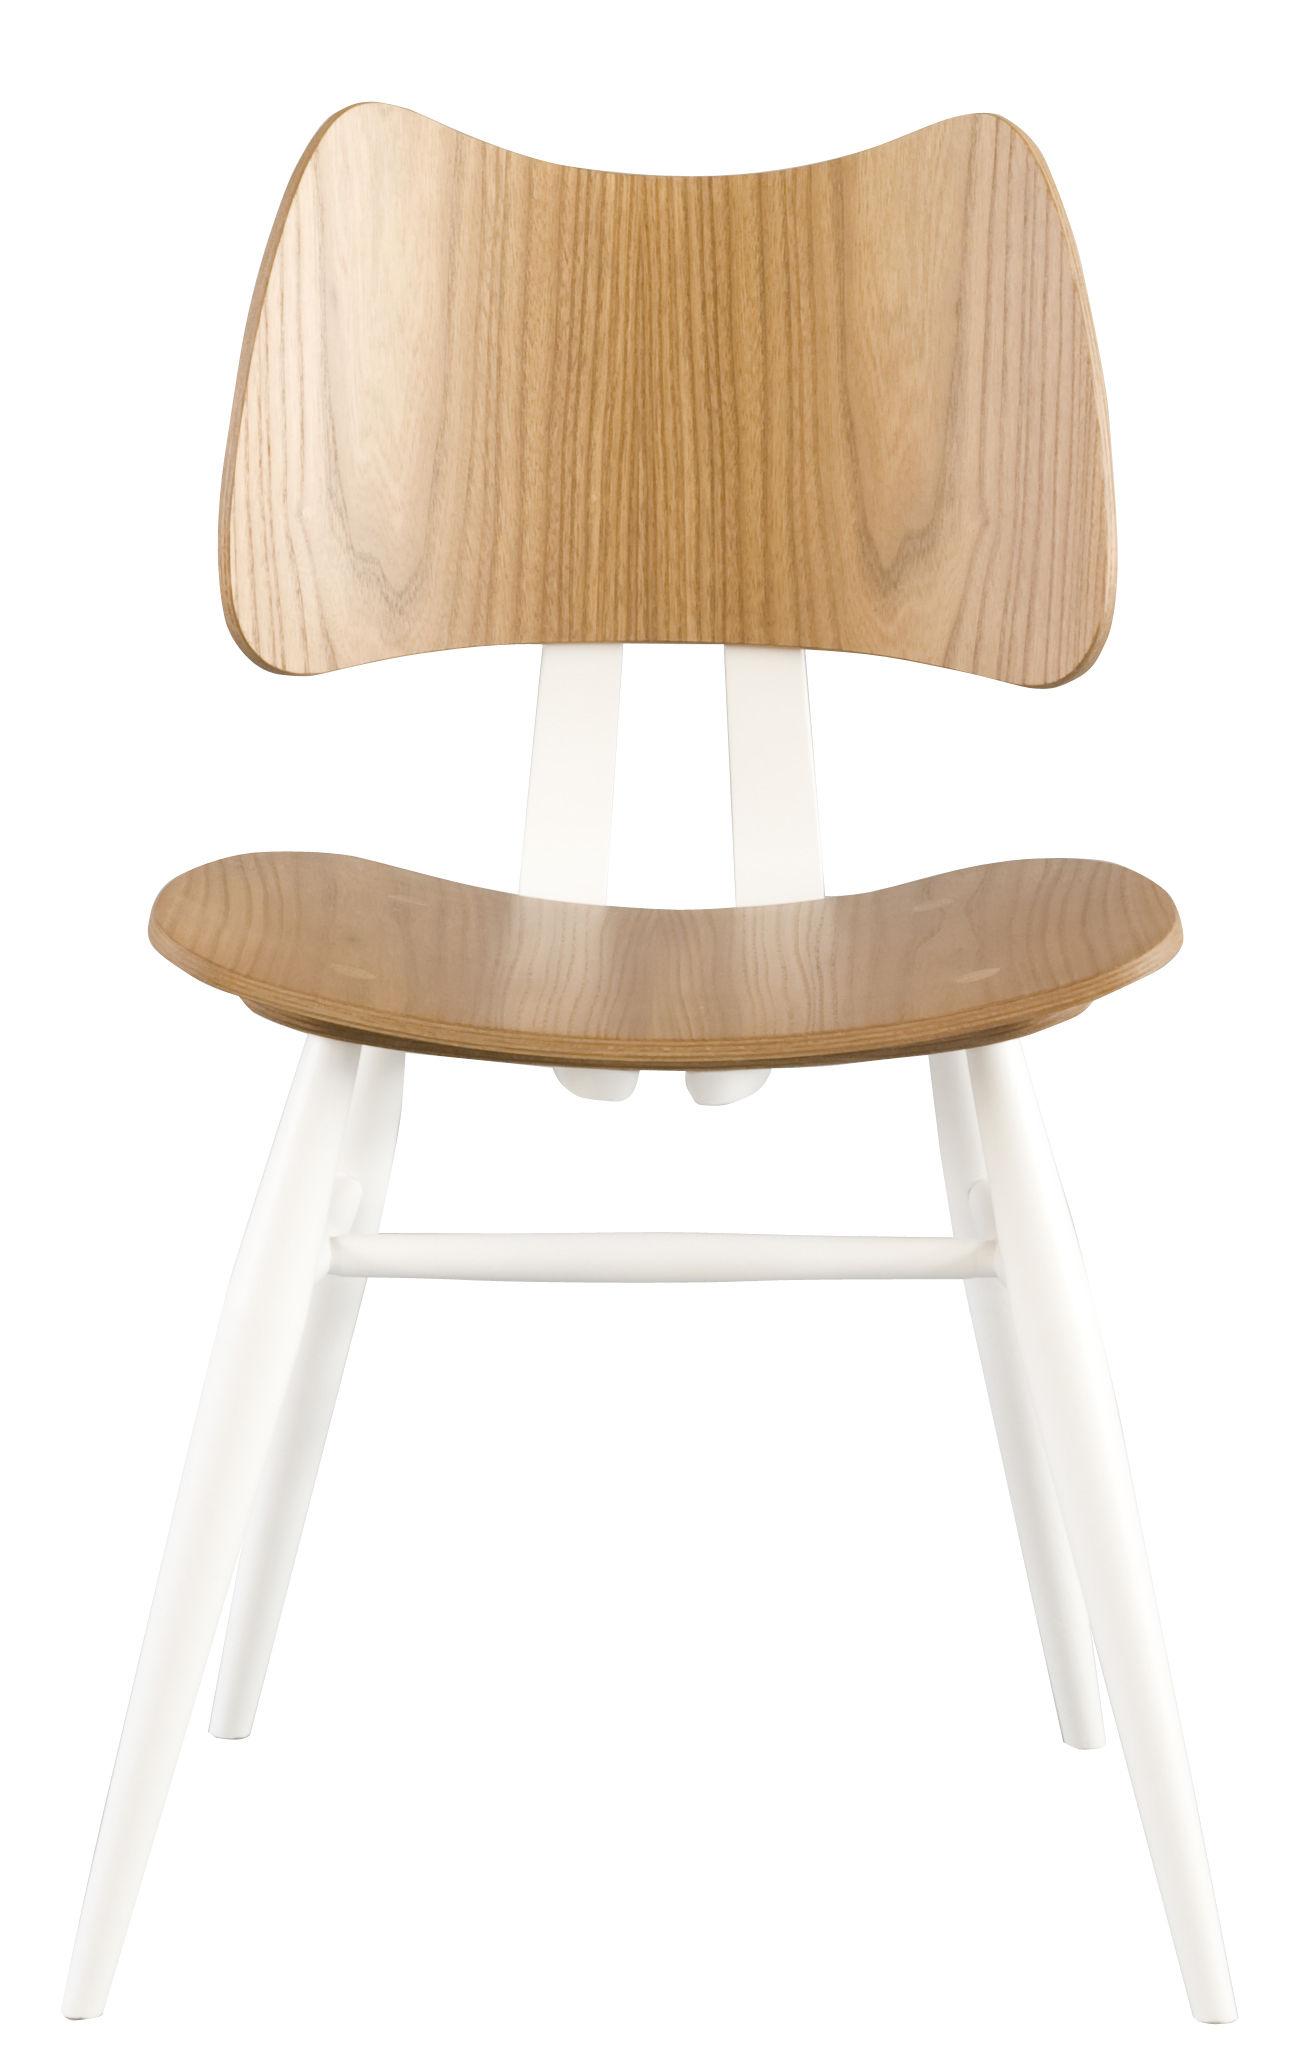 Möbel - Stühle  - Butterfly Stuhl / Holz - Neuauflage des Originals aus dem Jahr 1958 - Ercol - Weiß & holzfarben - Contreplaqué de orme, massive Buche